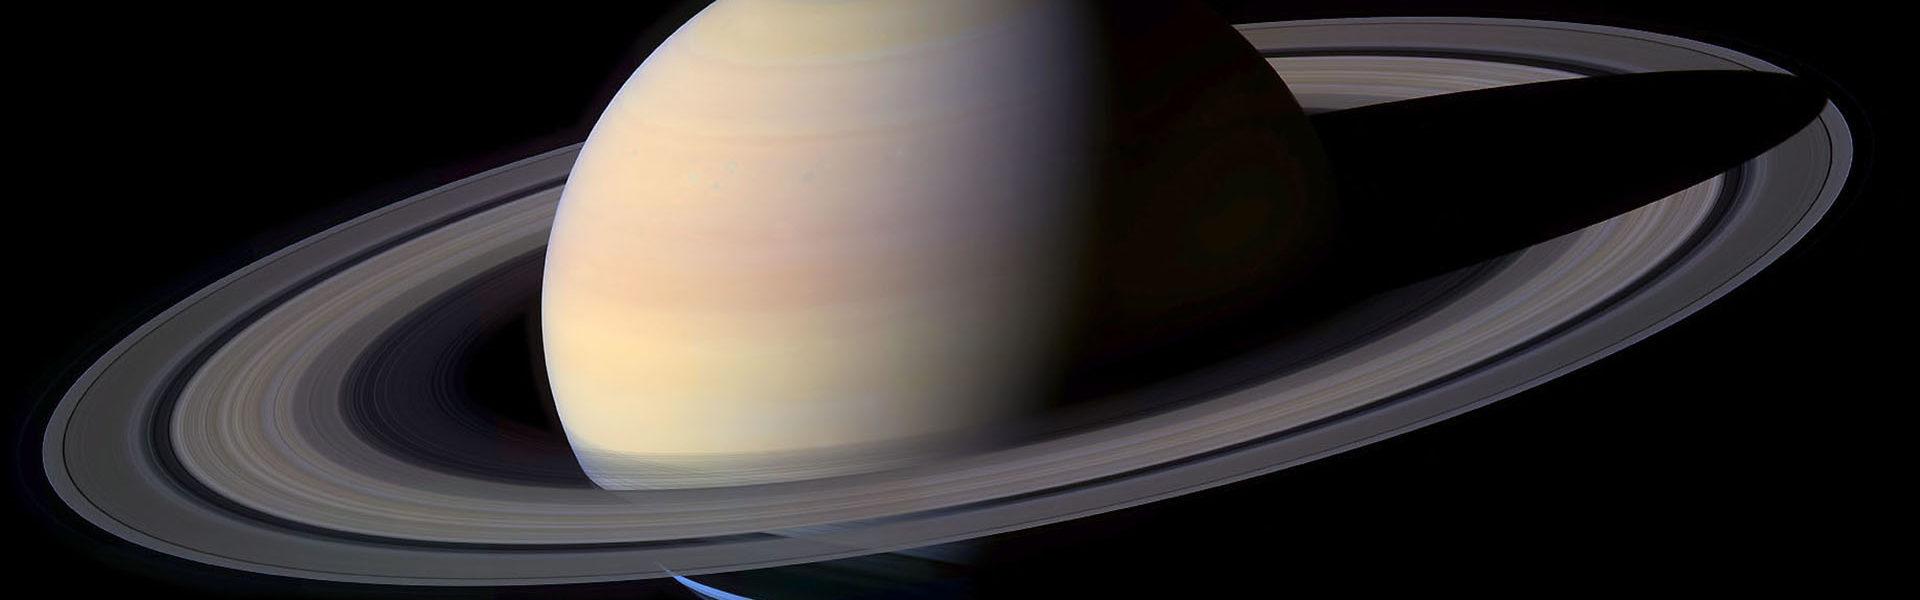 L'immagine raffigura il pianeta Saturno